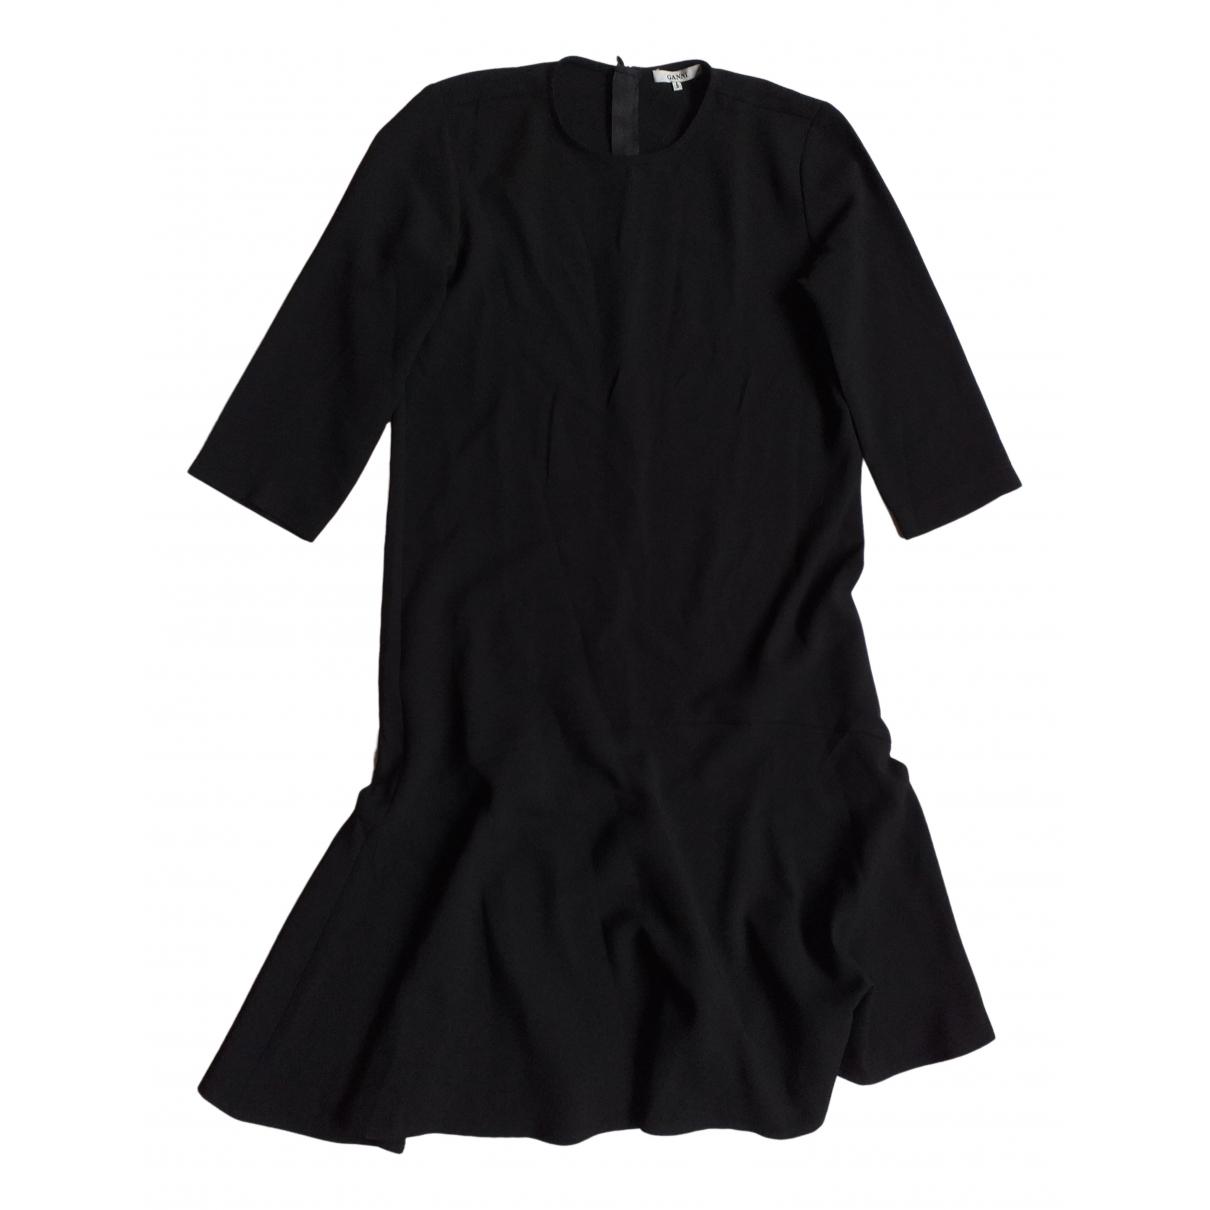 Ganni Fall Winter 2019 Kleid in  Schwarz Polyester